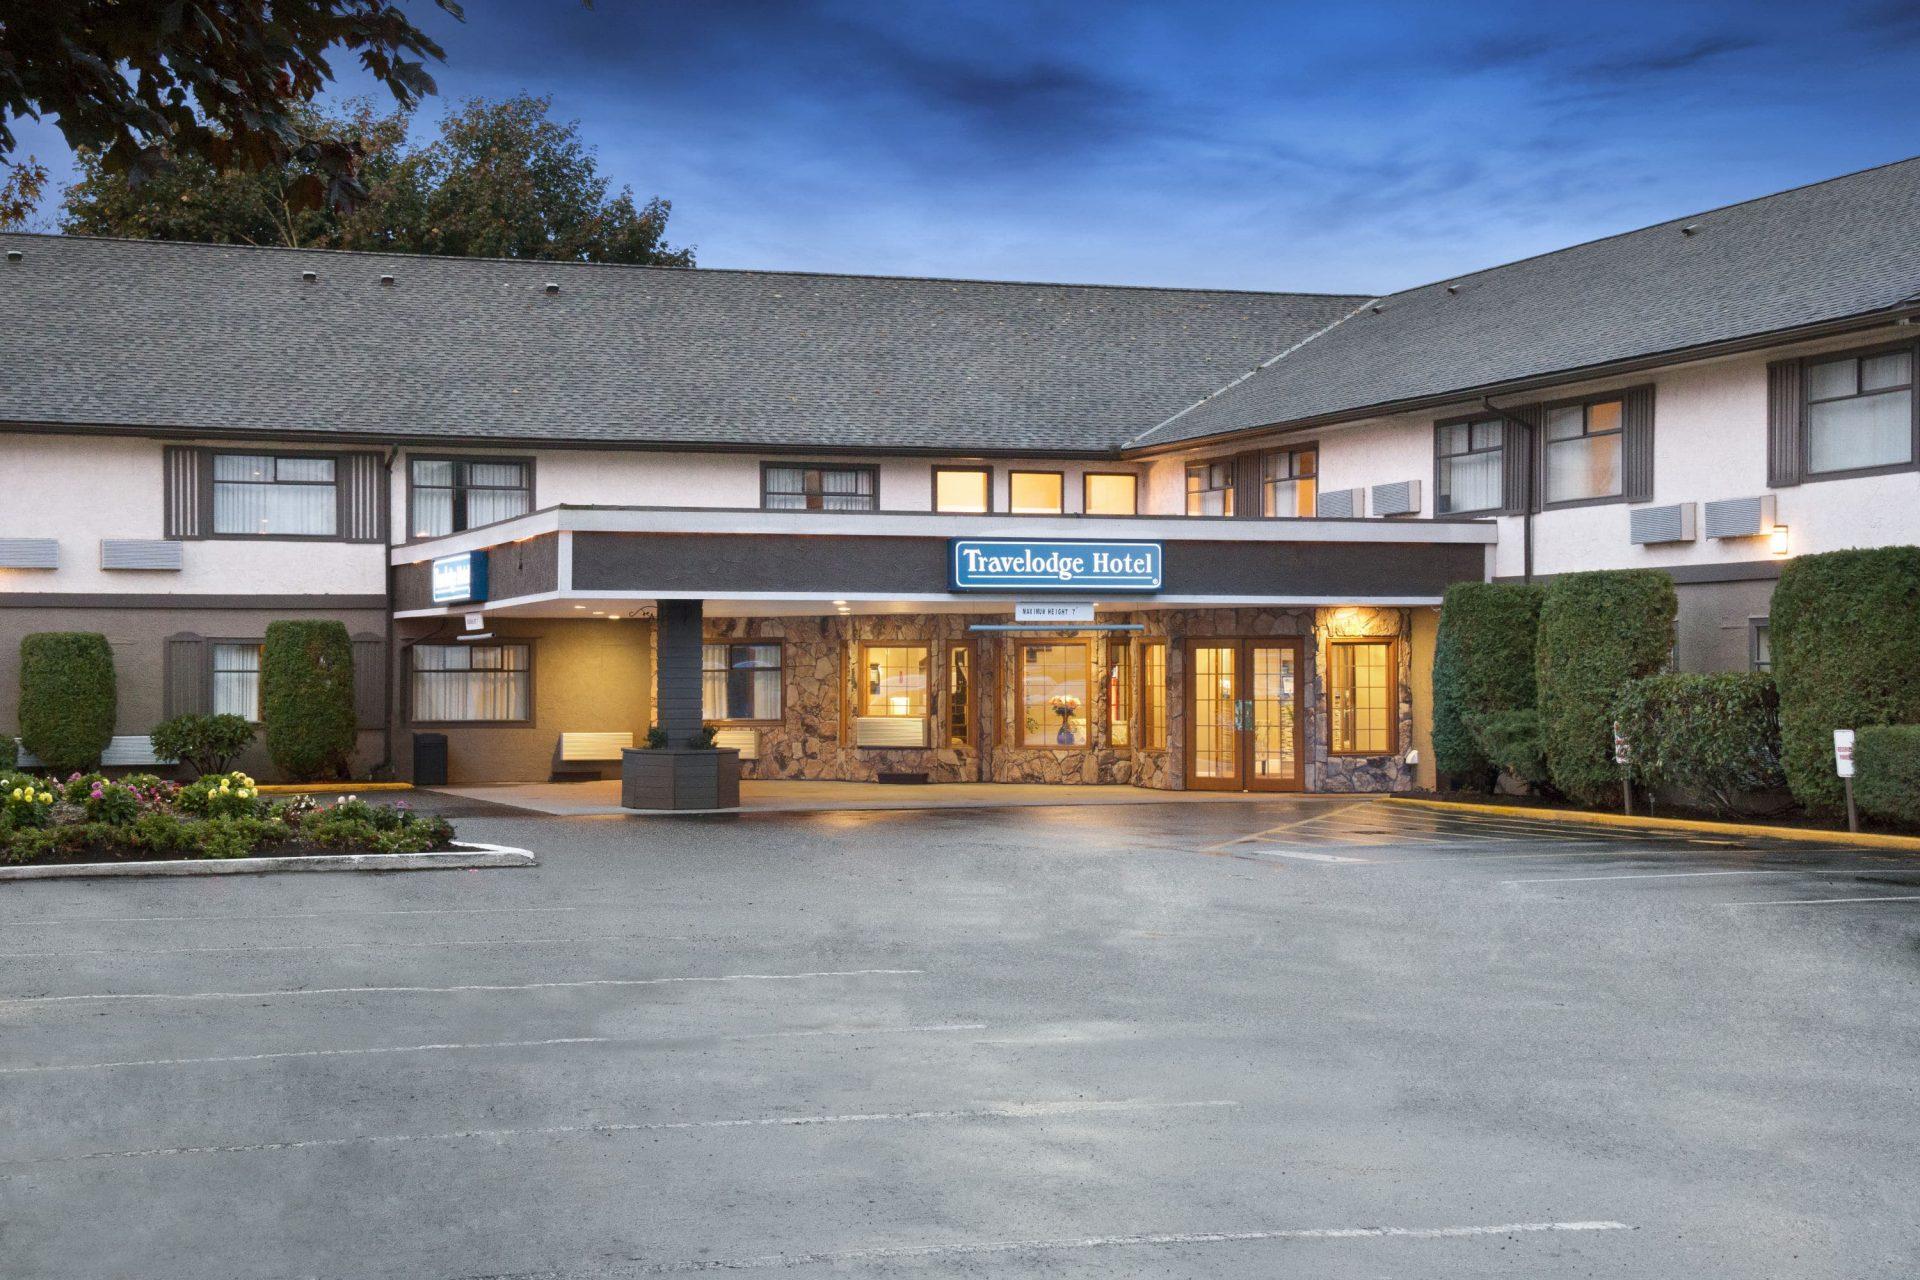 Travelodge Hotel 45466 Yale Road Chilliwack